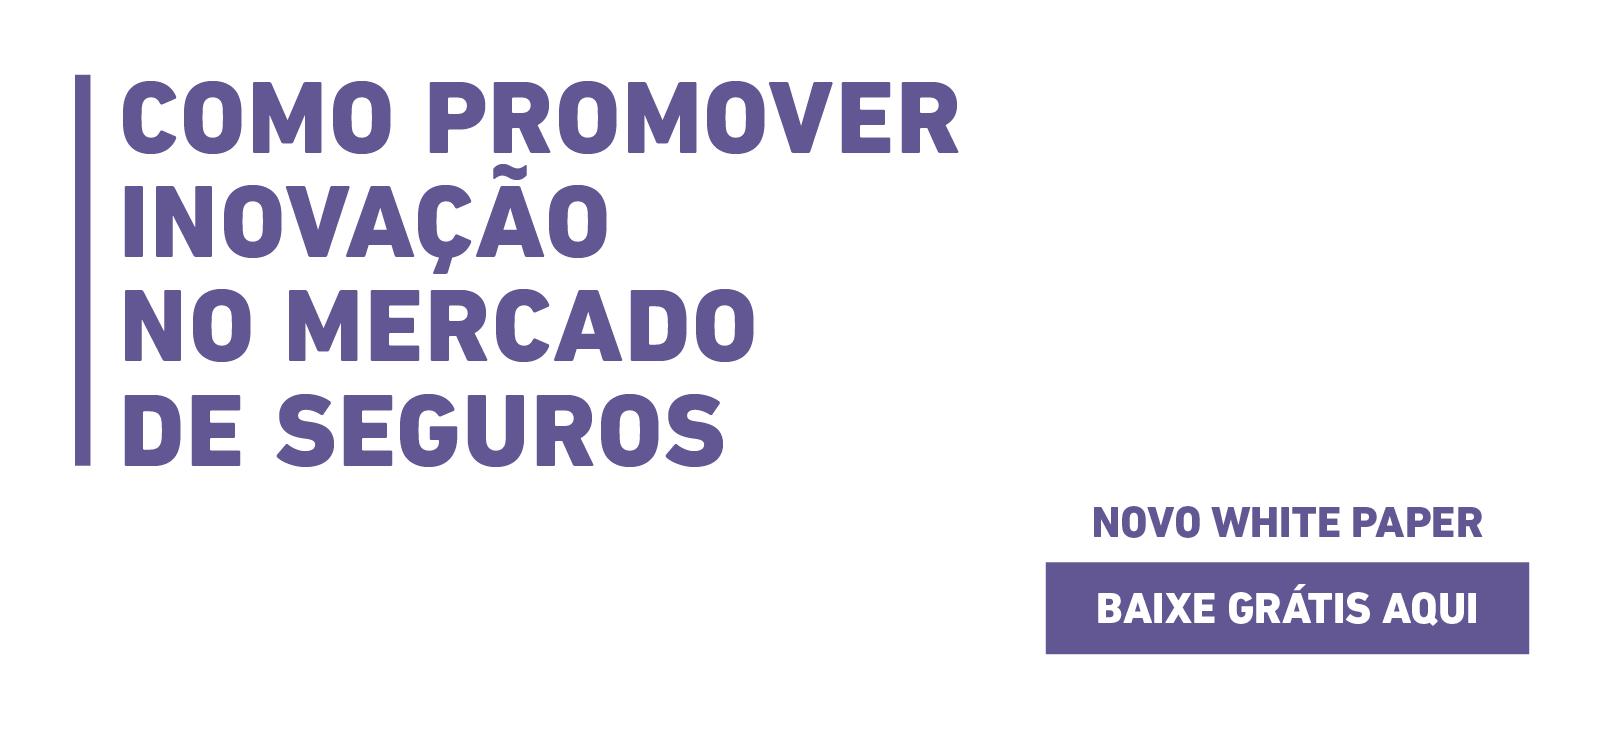 whitepaper-como-promover-inovacao-no-mercado-de-seguros